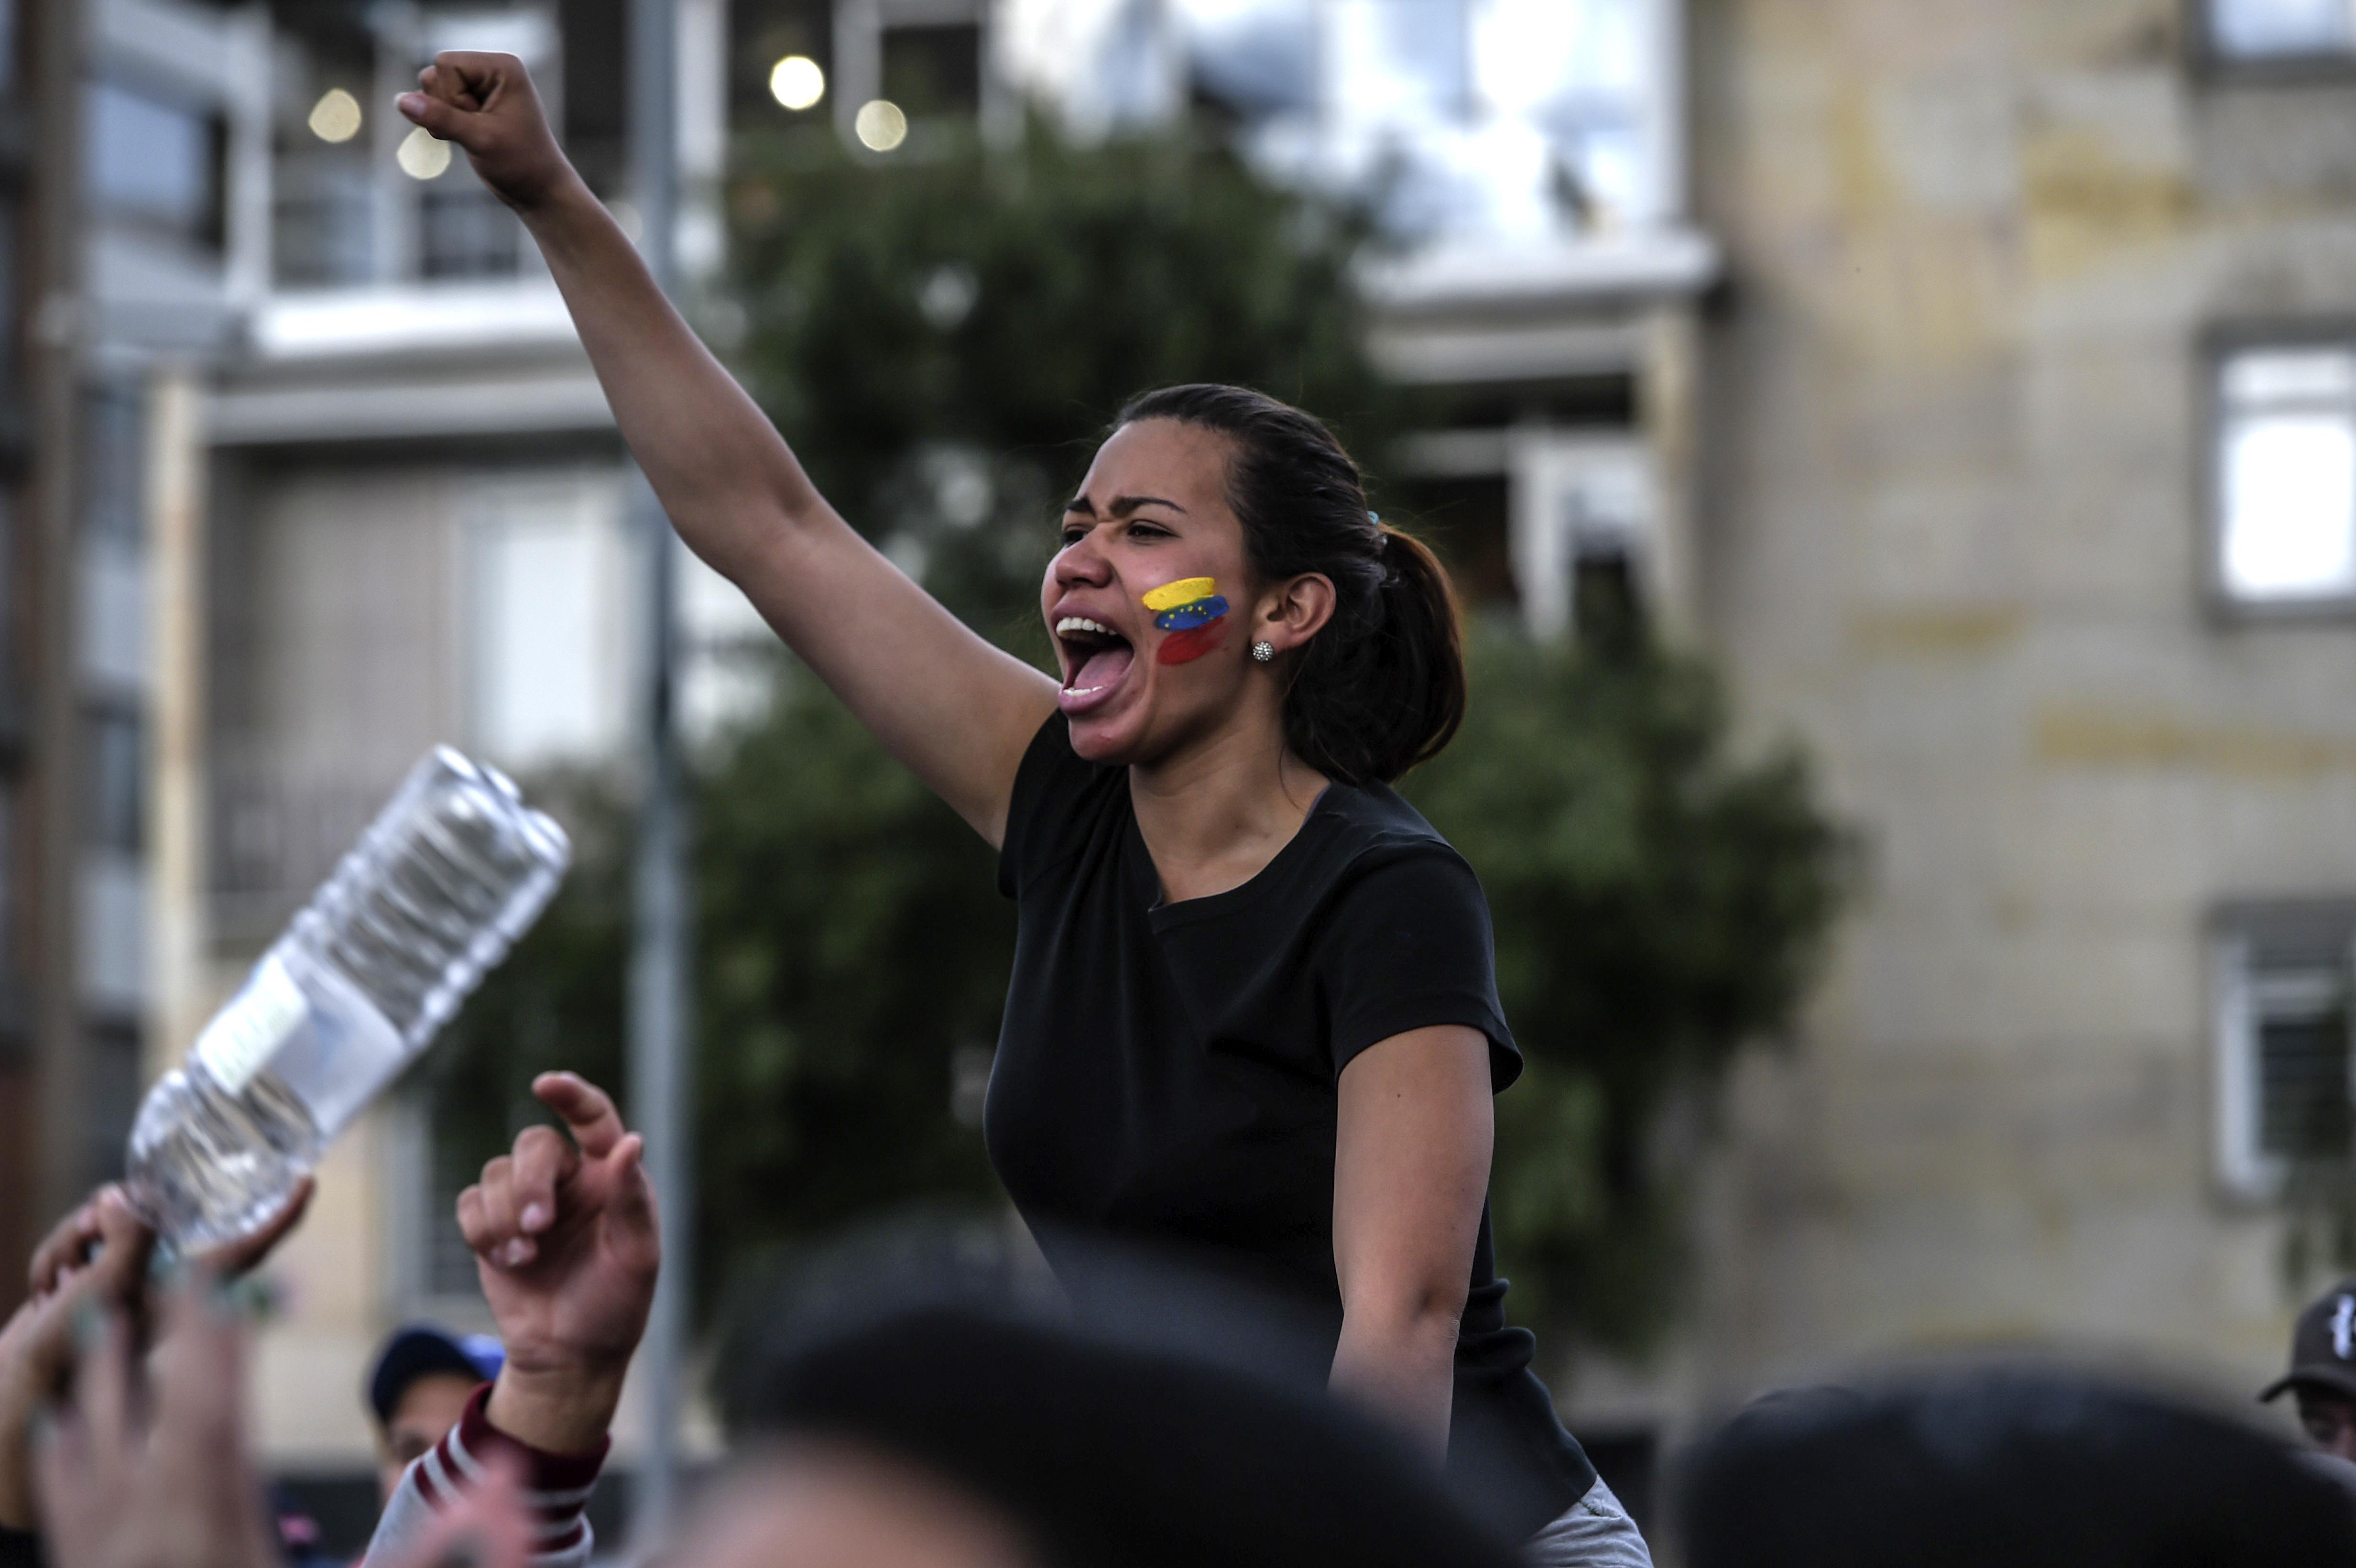 Un joven venezolana protesta contra la dictadura chavista en Bogotá. (Photo by Juan BARRETO / AFP)